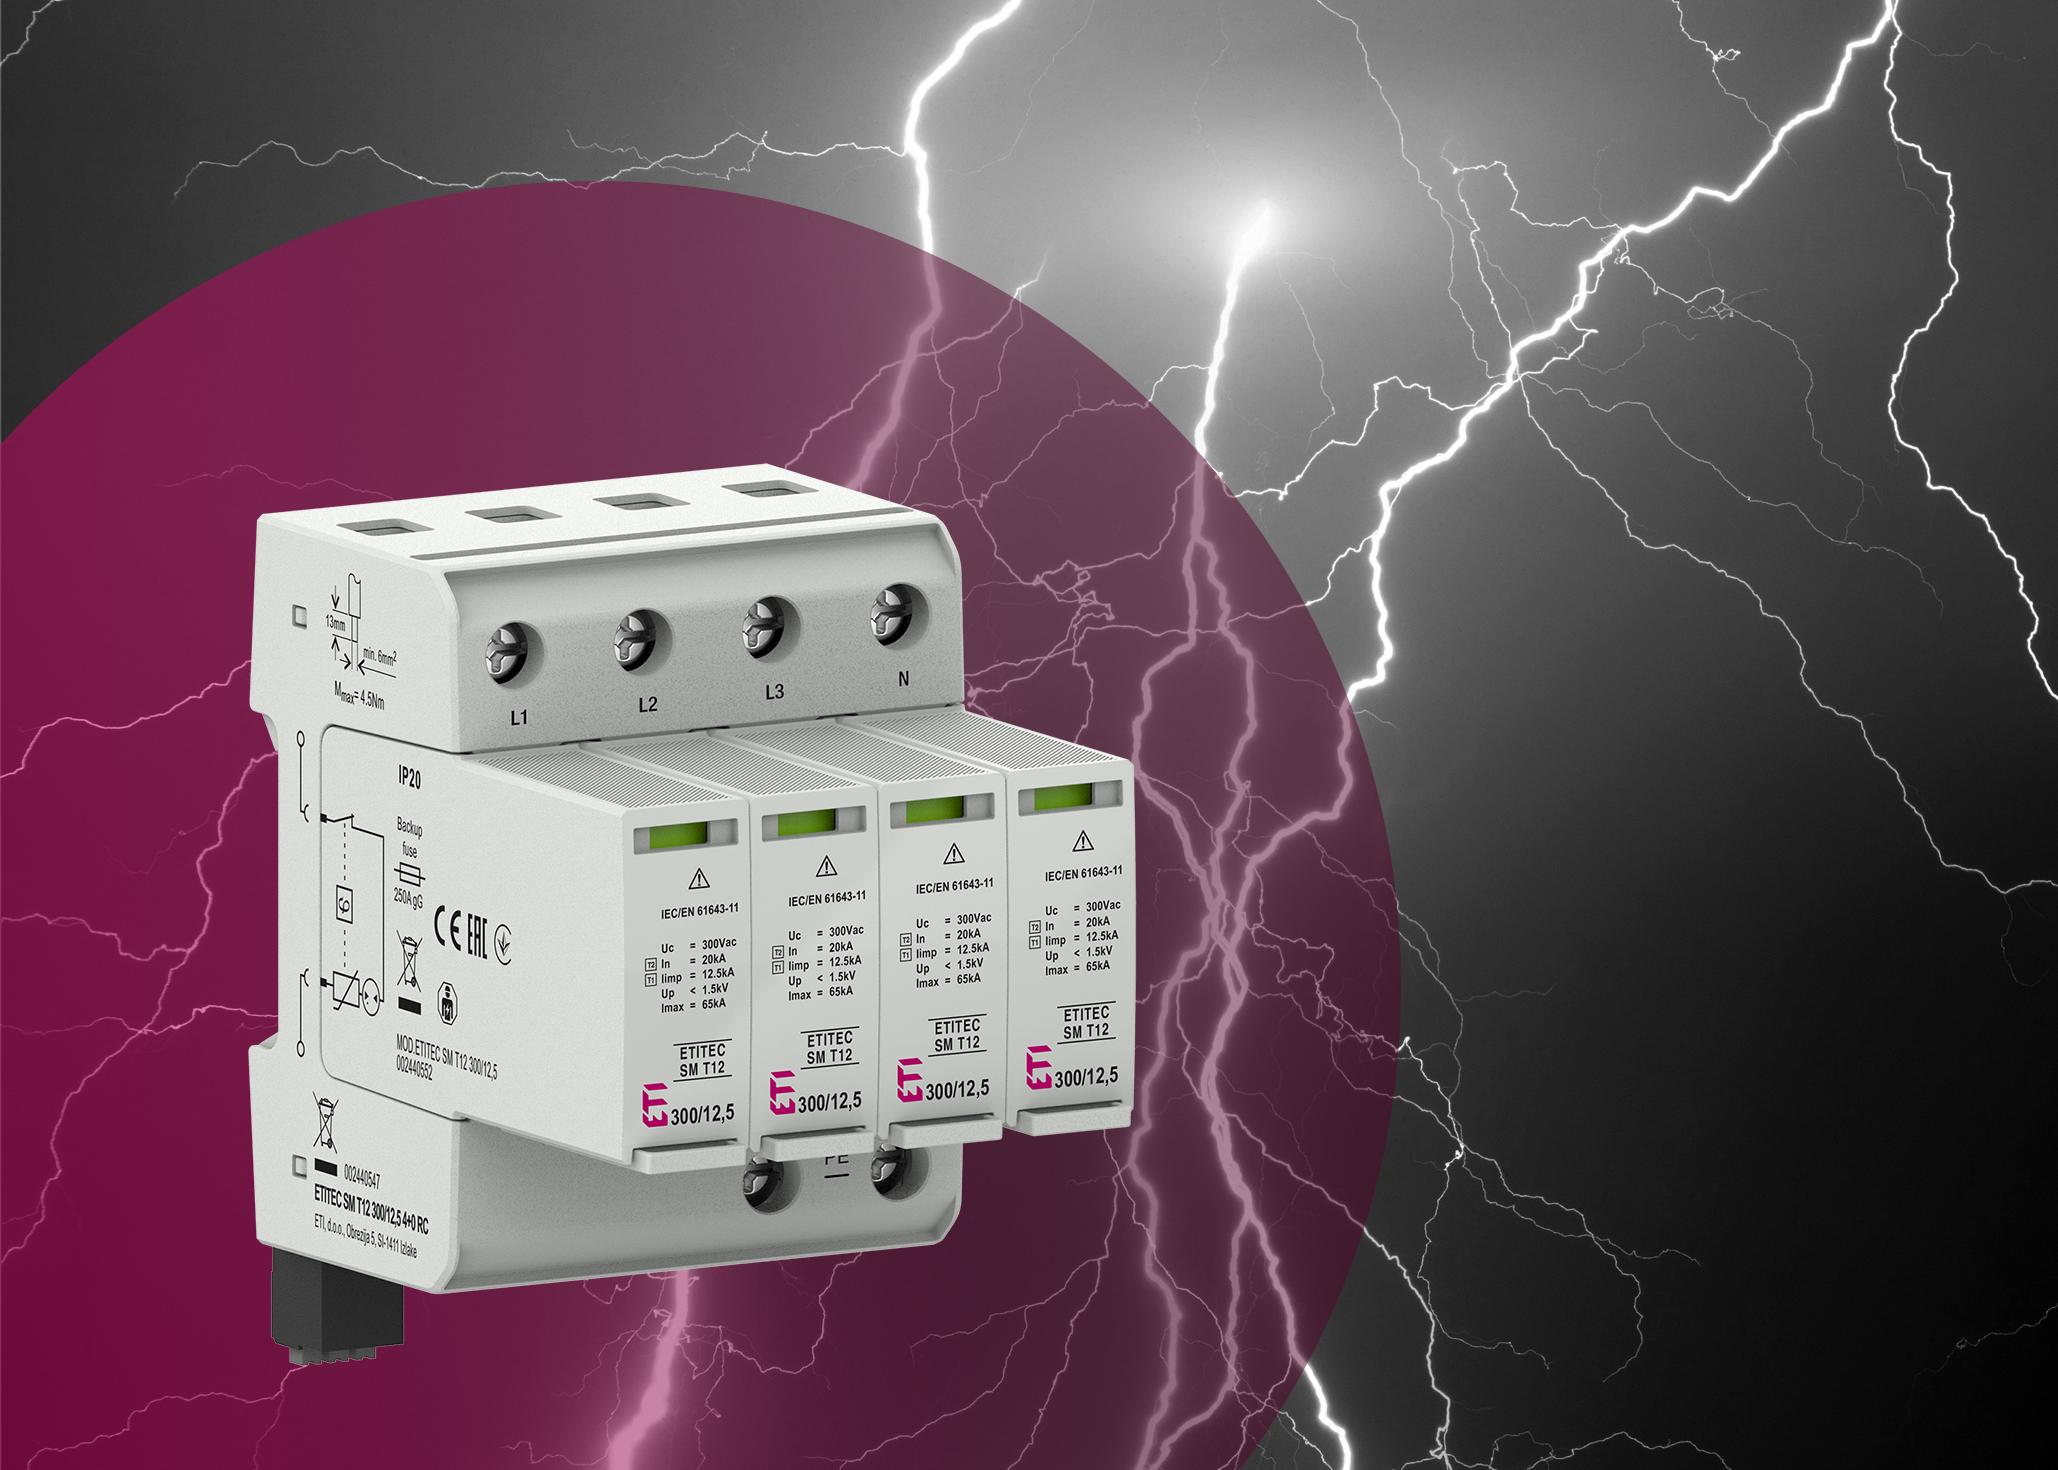 Die neuen ETI Blitz- und Überspannungsschutzgeräte besitzen eine hohe Ableitfähigkeit und eine schnelle Ansprechzeit. (Bild: ETI DE GmbH)